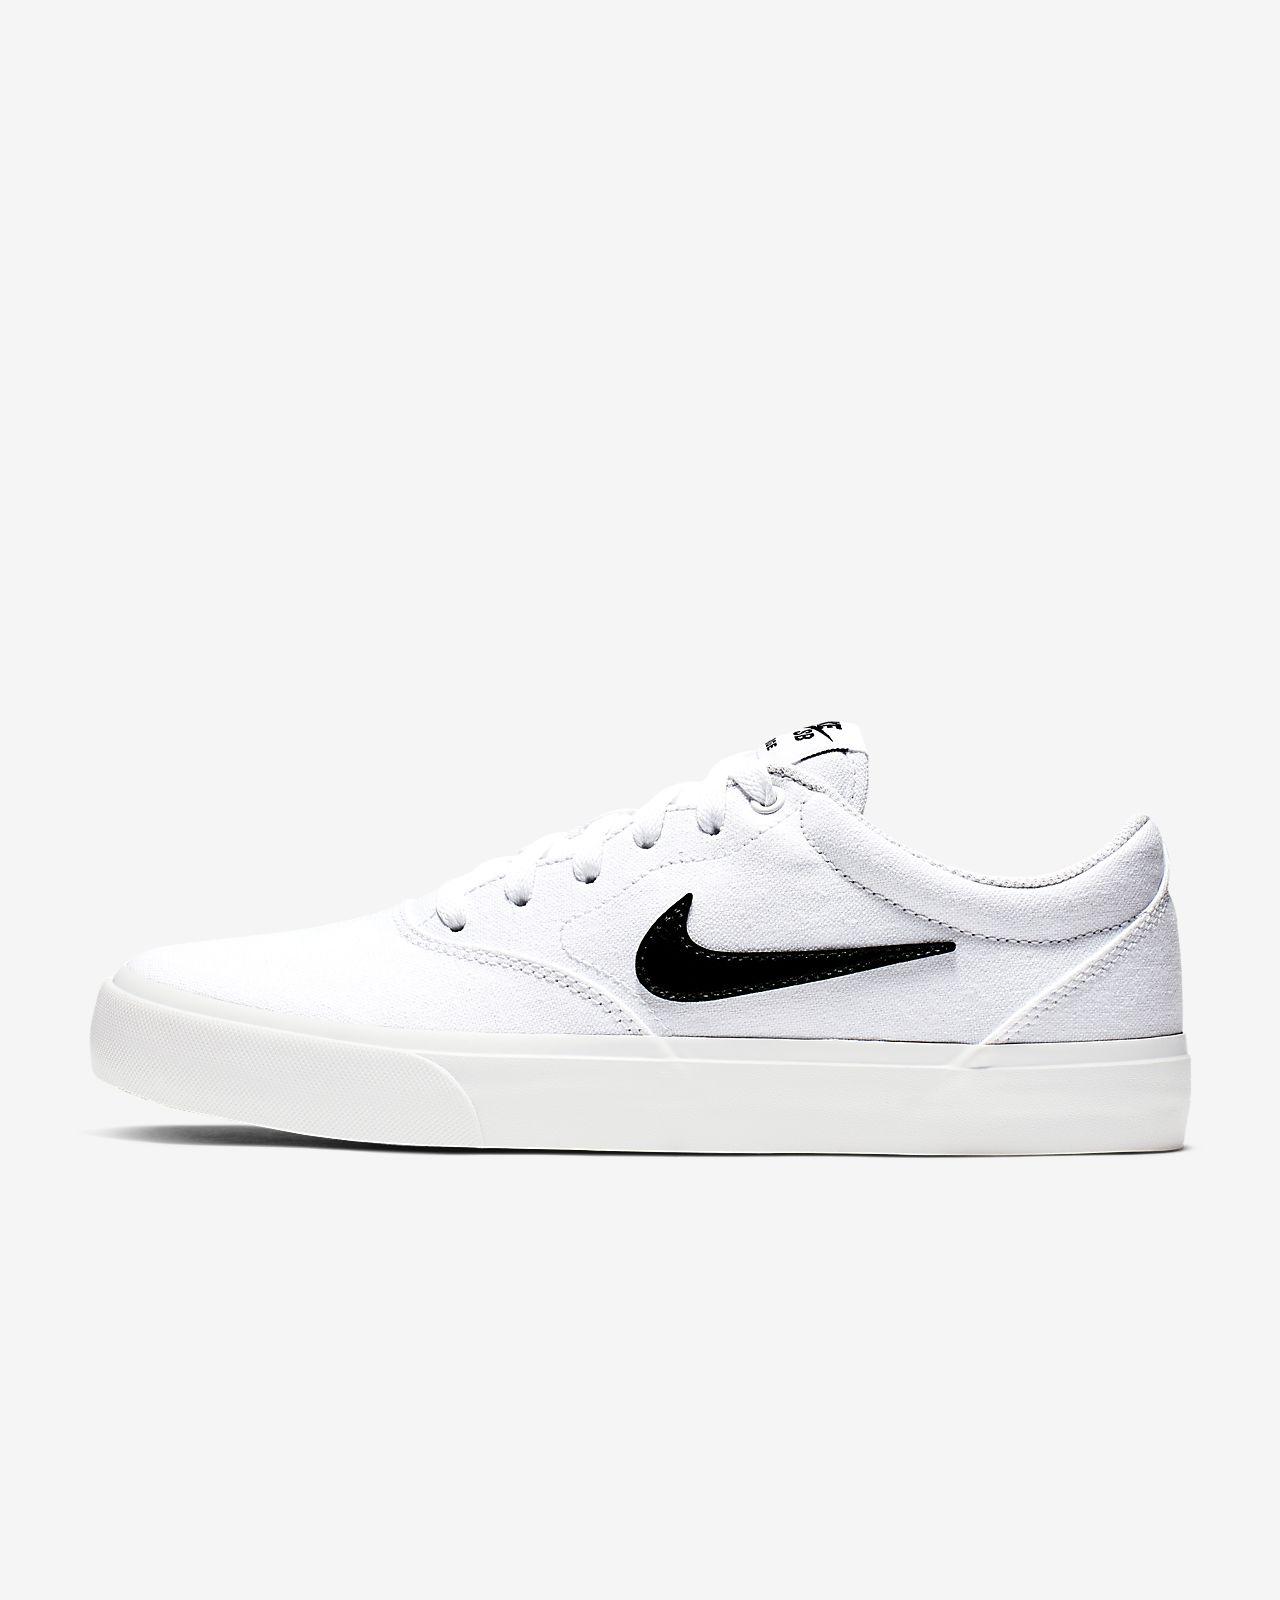 sneakers nike sb online